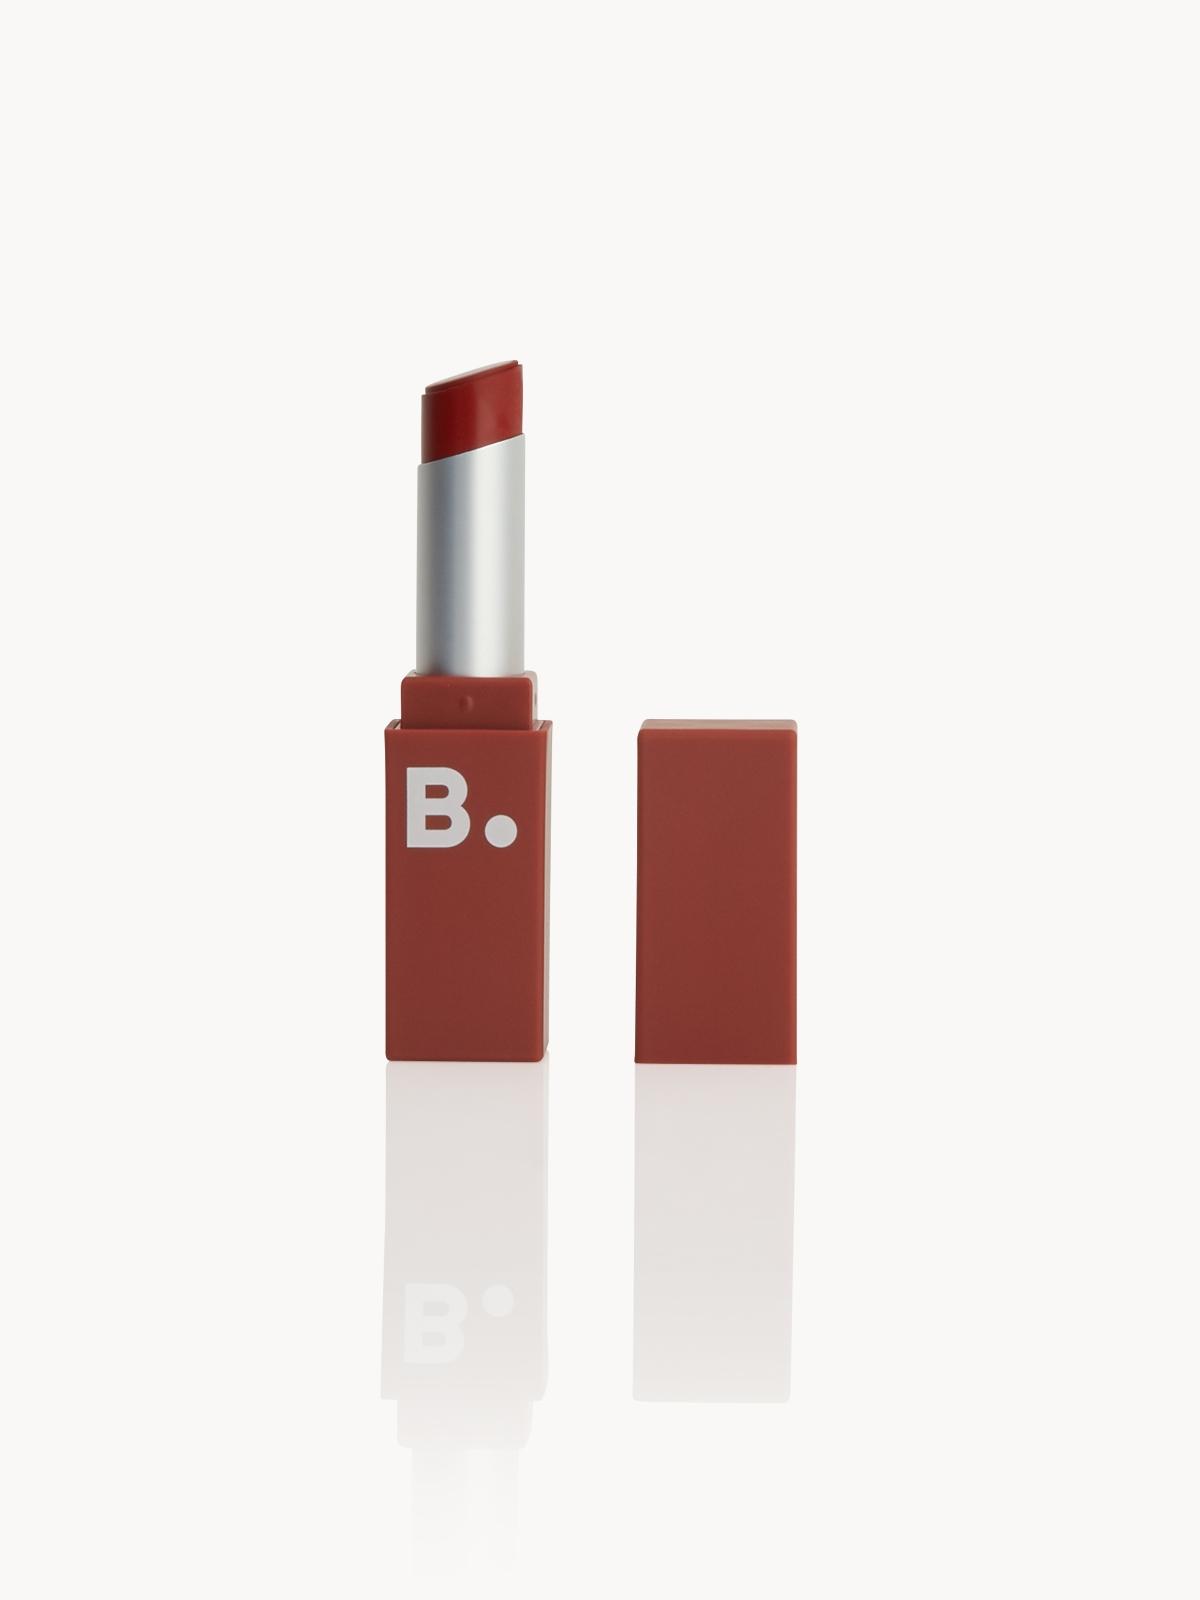 B by BANILA Lipdraw Matte Blast Lipstick Selfiesh